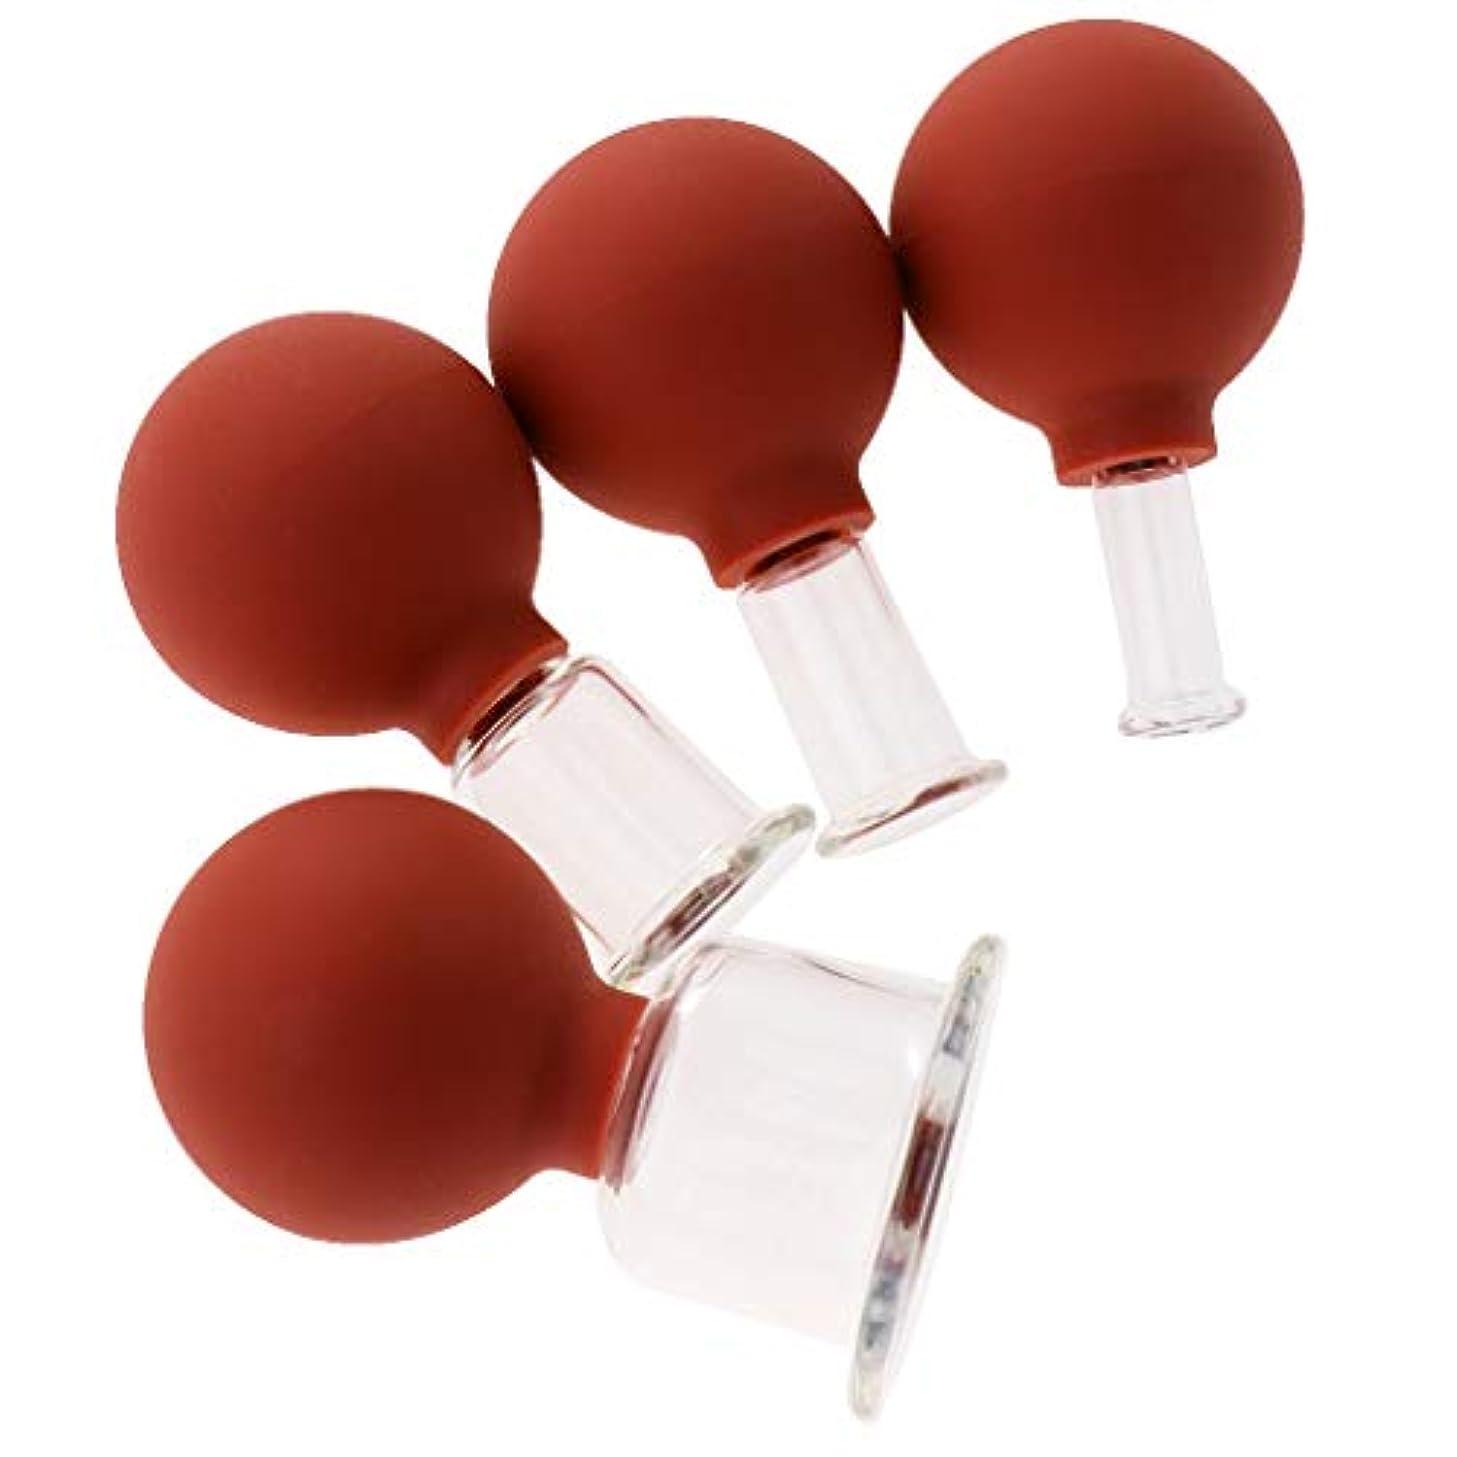 サージアウター結婚式D DOLITY マッサージカップ 吸い玉 カッピングセット ガラスカッピング 真空 男女兼用 ギフト 4個 全3色 - 赤茶色